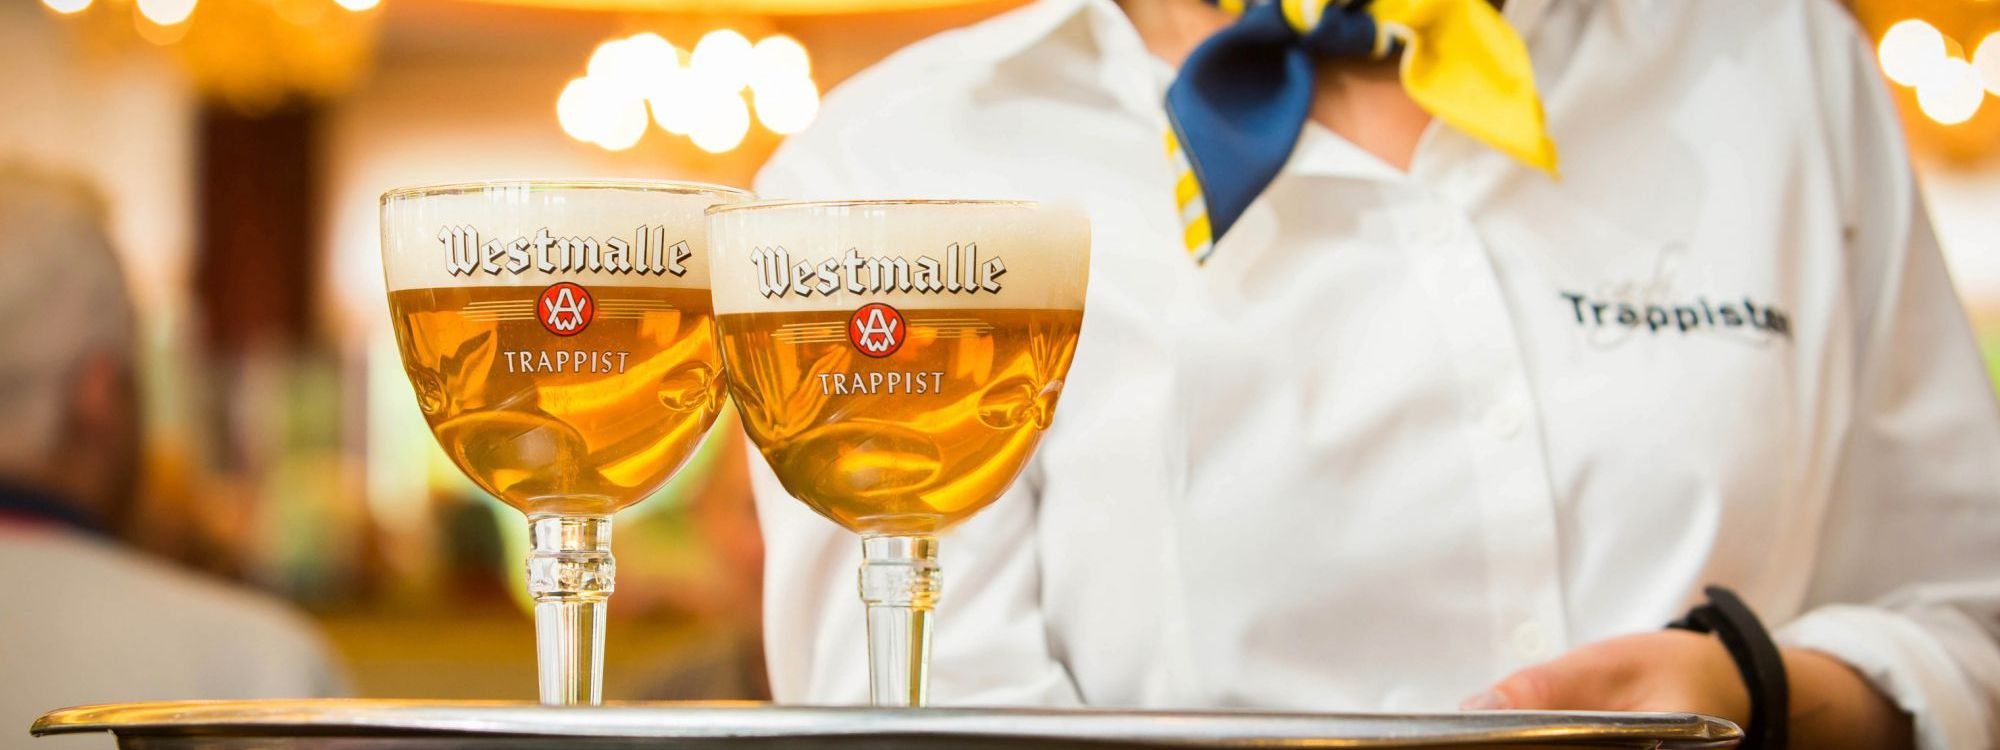 Westmalle - Bélgica